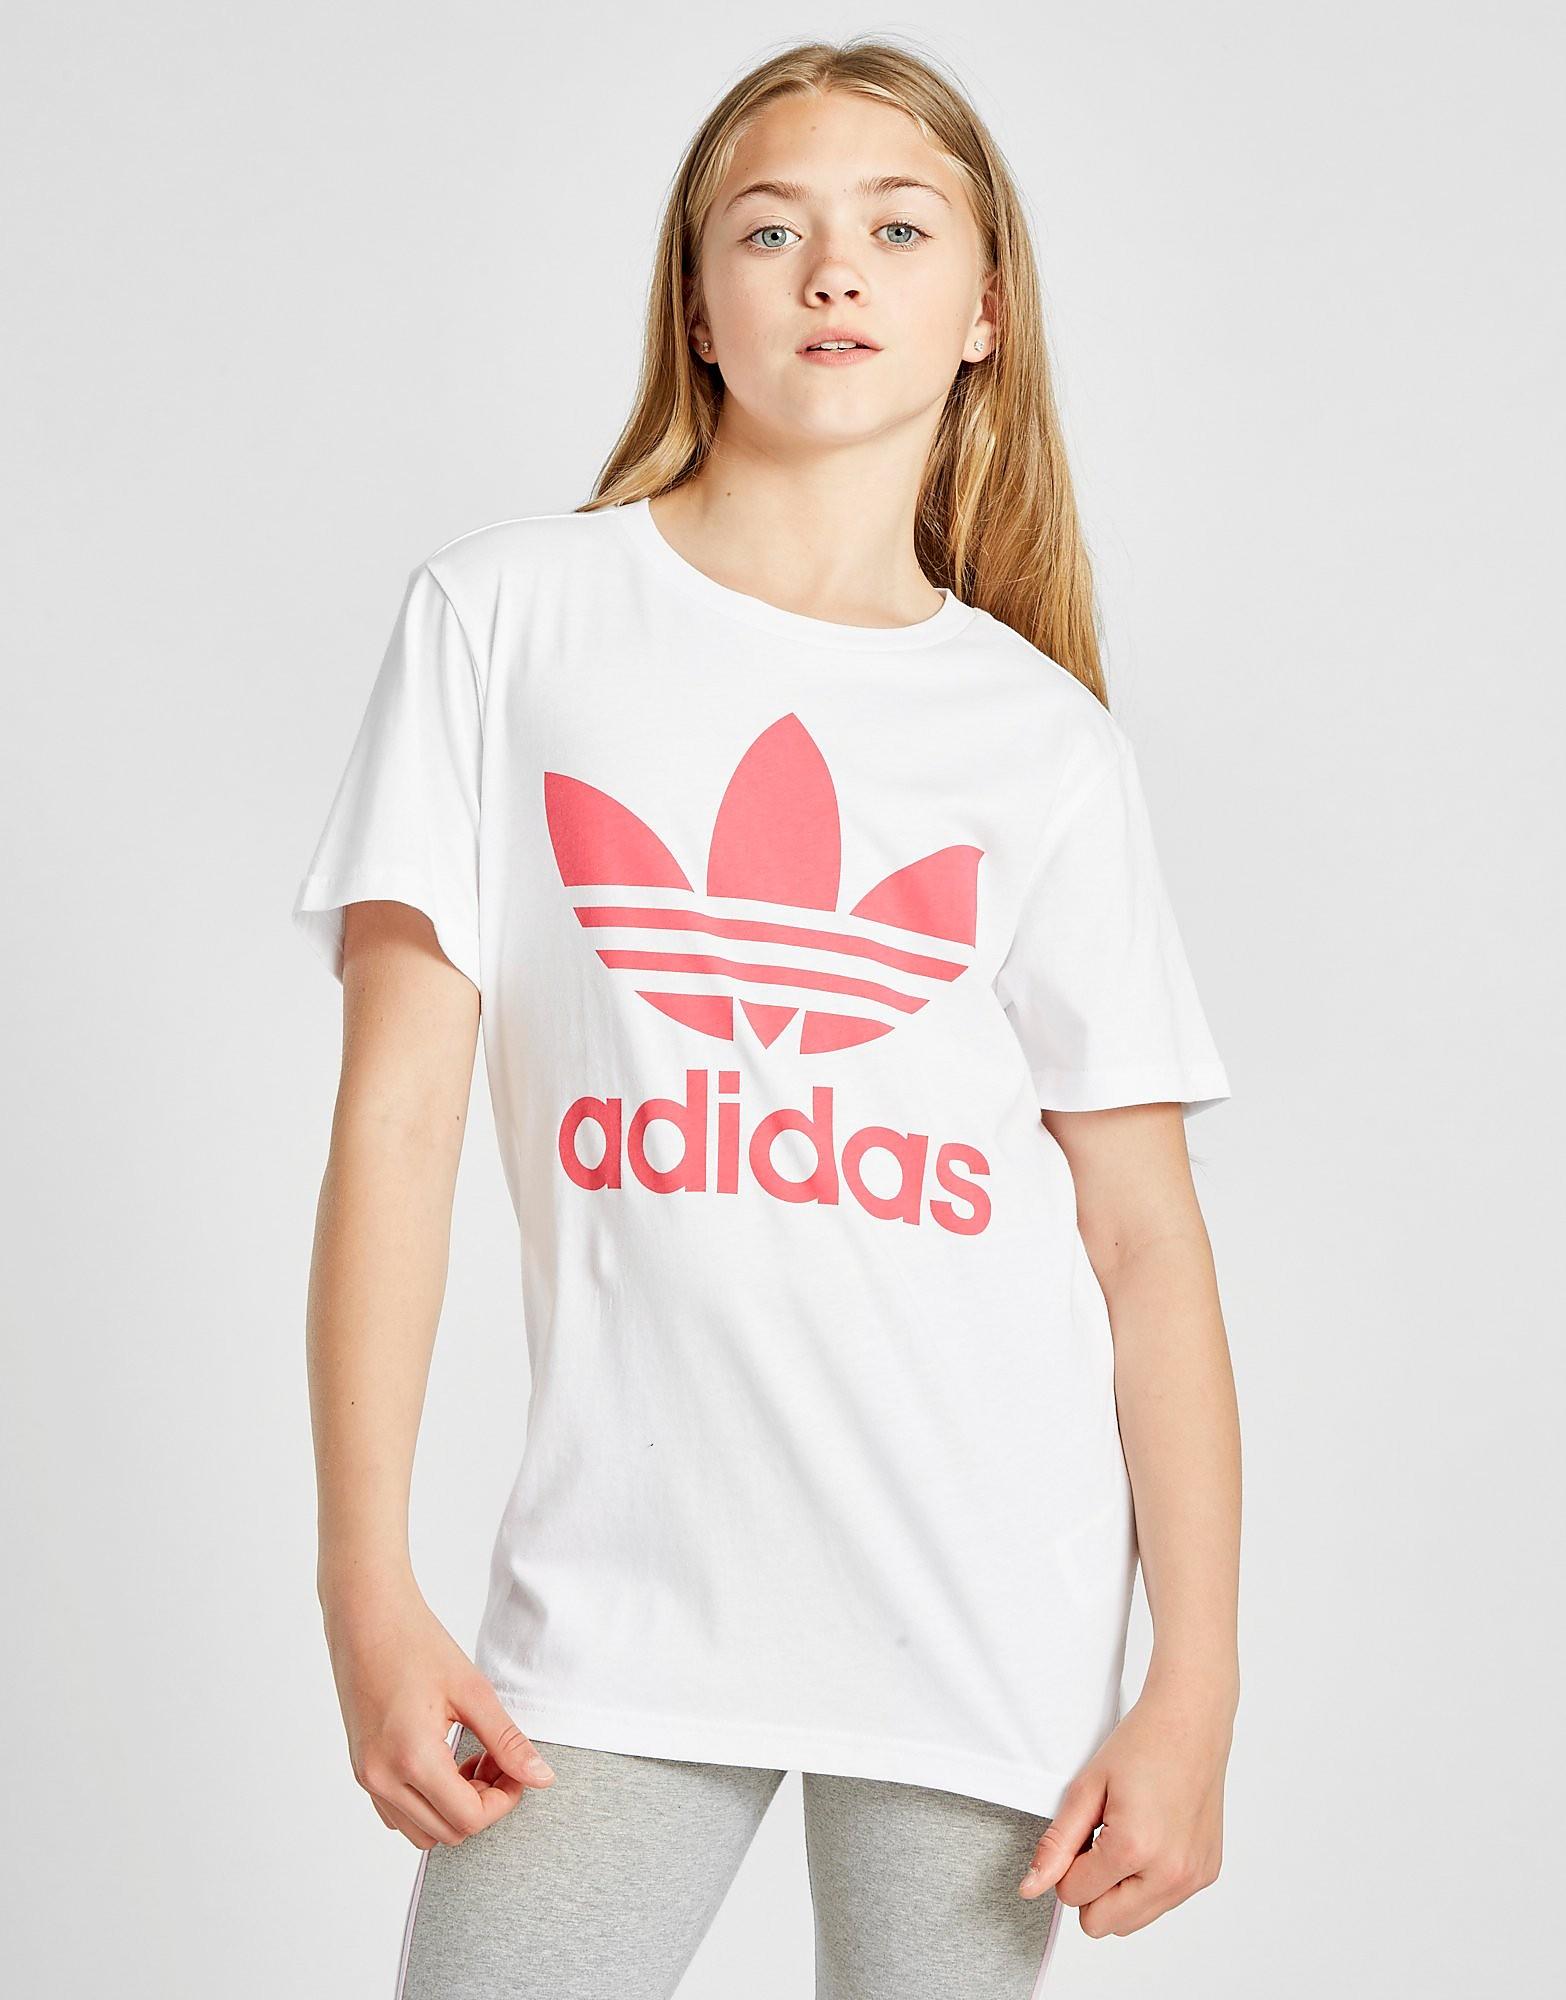 adidas Originals camiseta Adicolor júnior